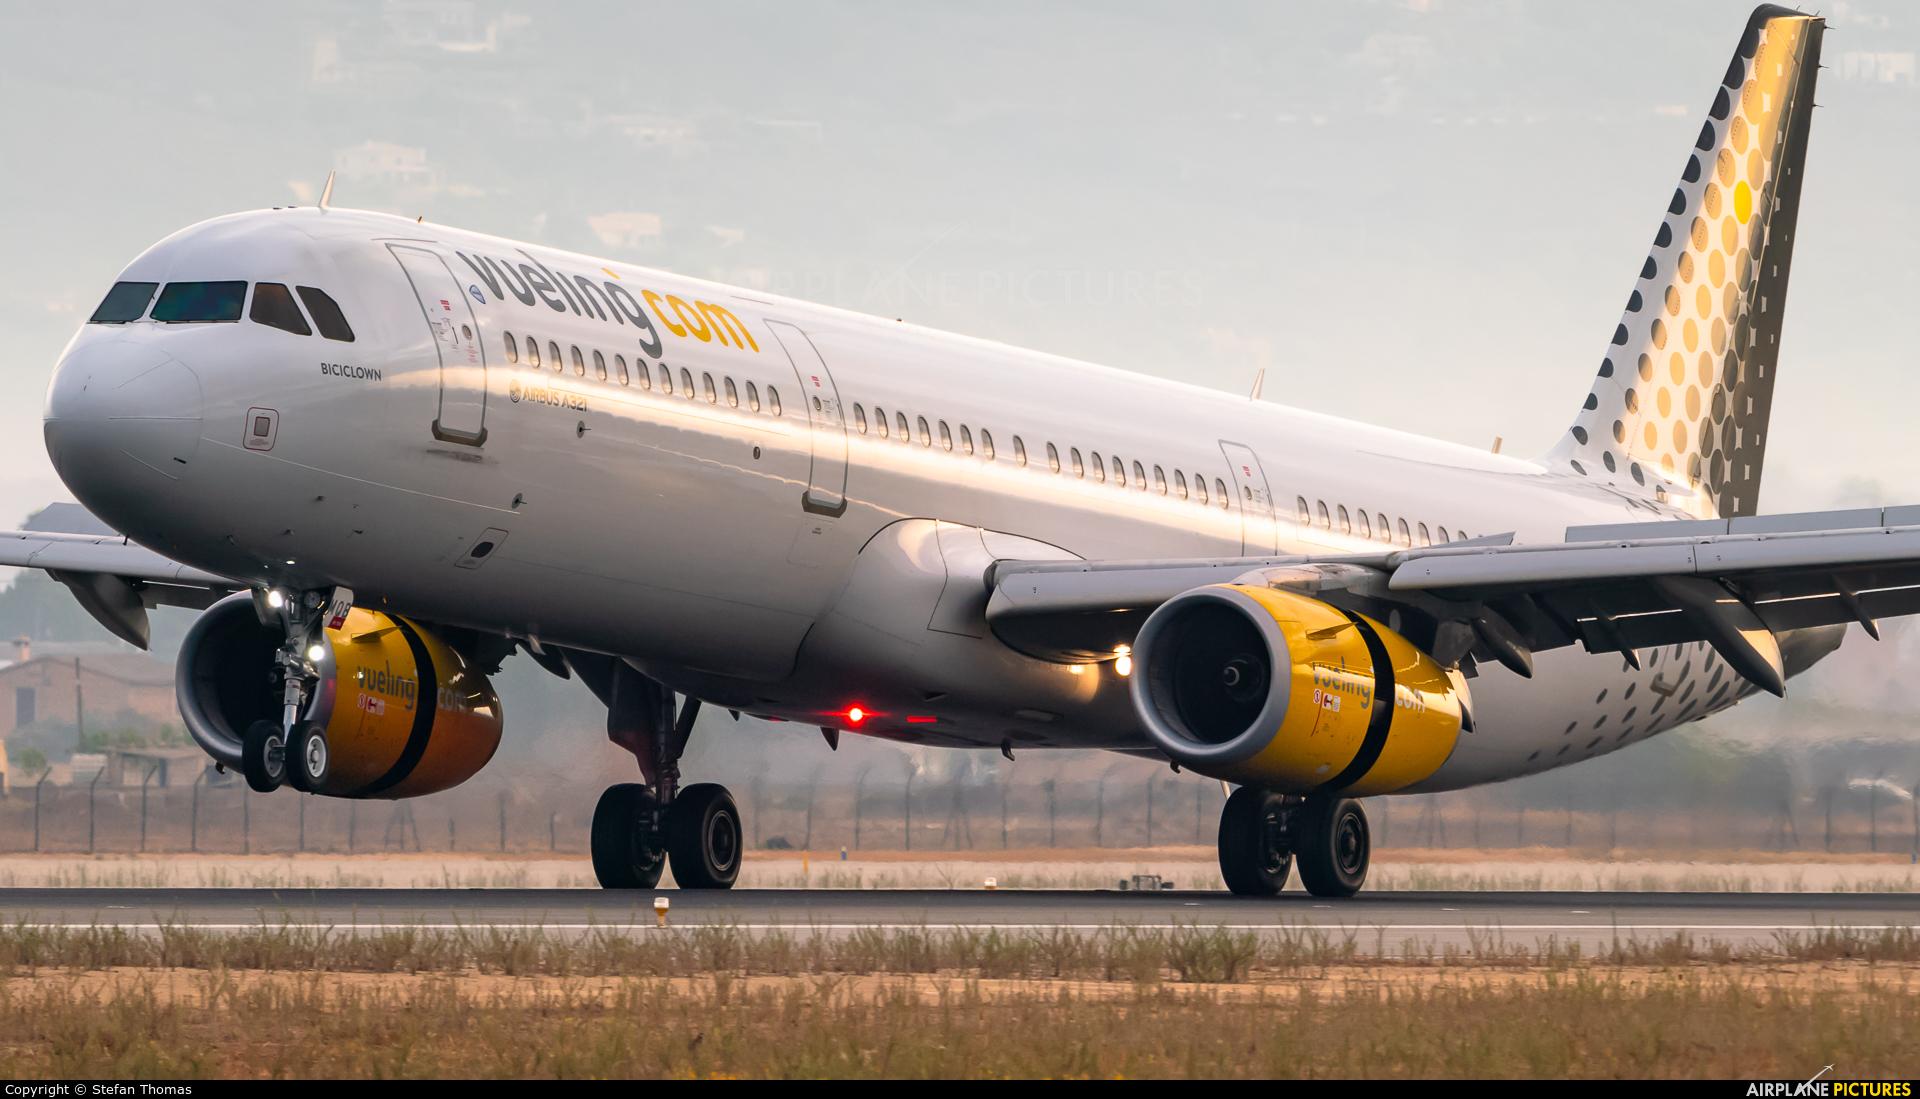 Vueling Airlines EC-MQB aircraft at Palma de Mallorca